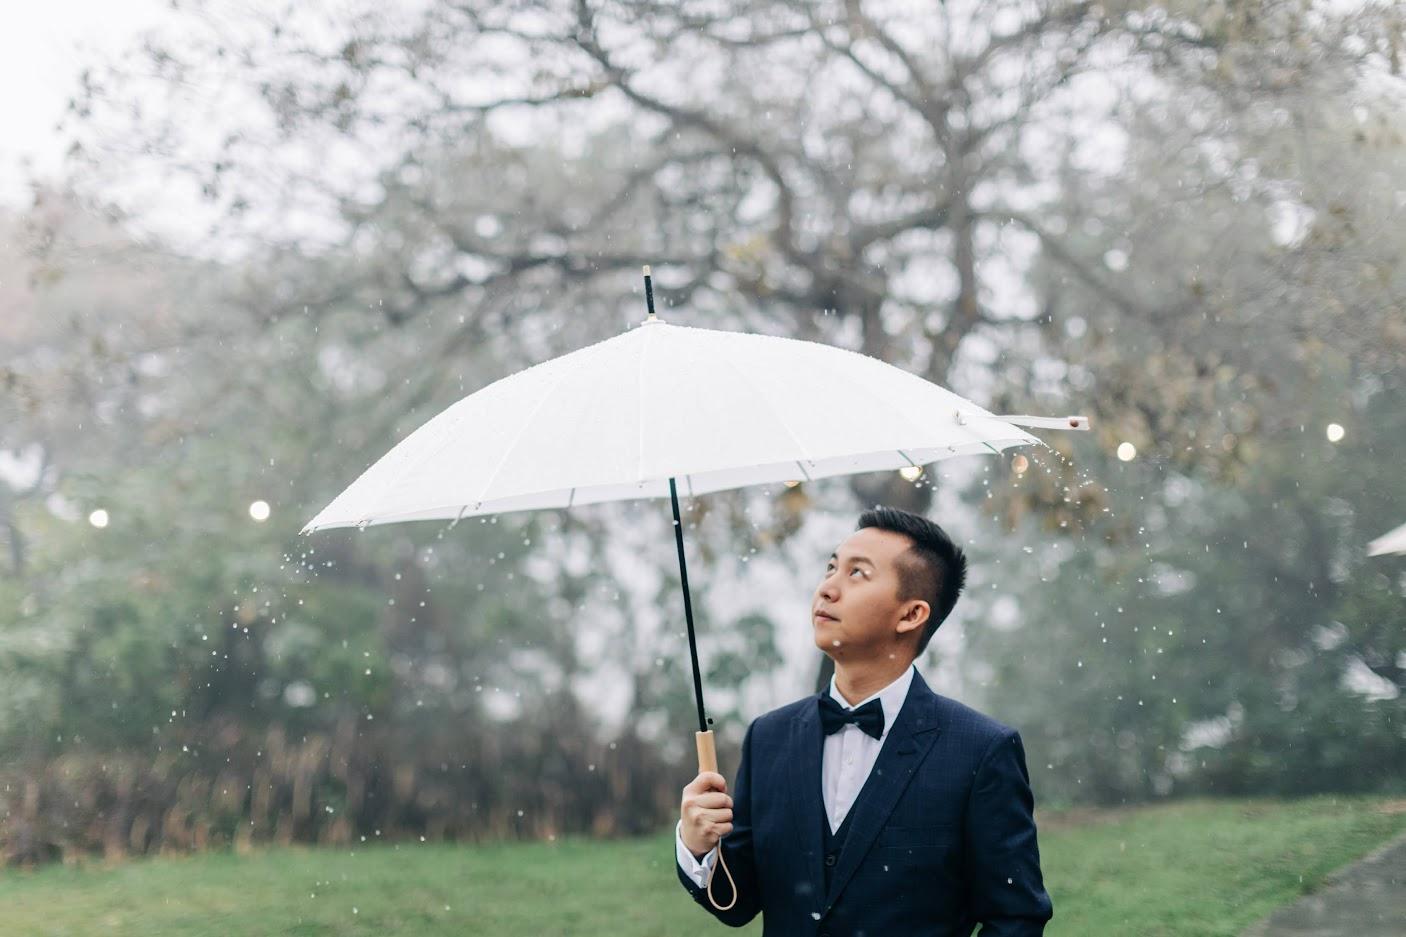 雨天的顏氏牧場,旋轉雨傘